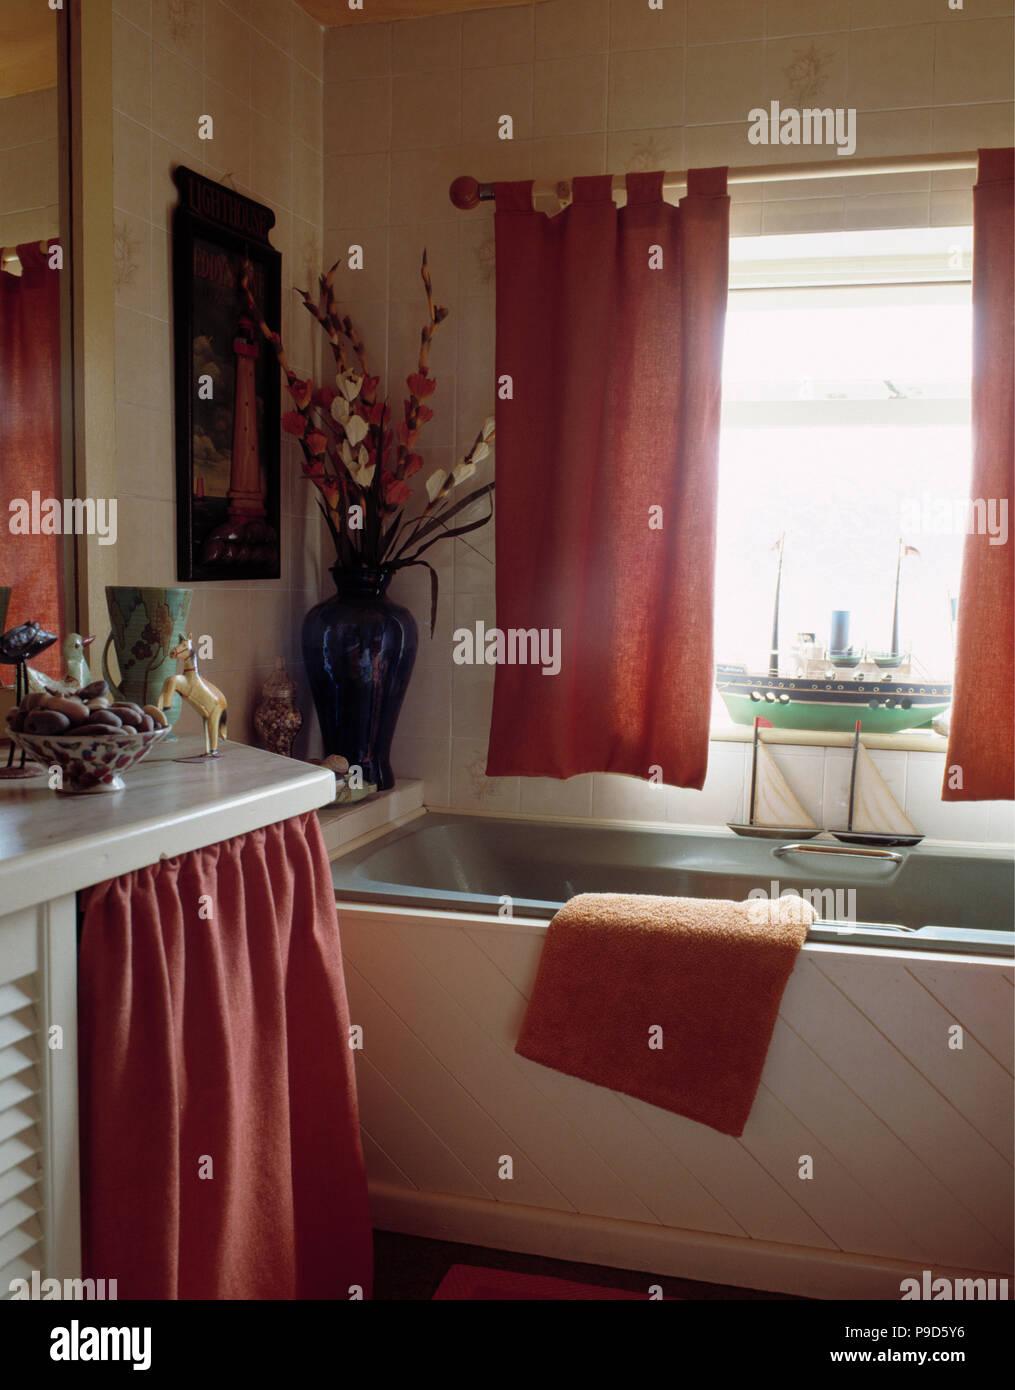 Rideaux fenêtre rose sur gris ci-dessus dans une salle de bains ...